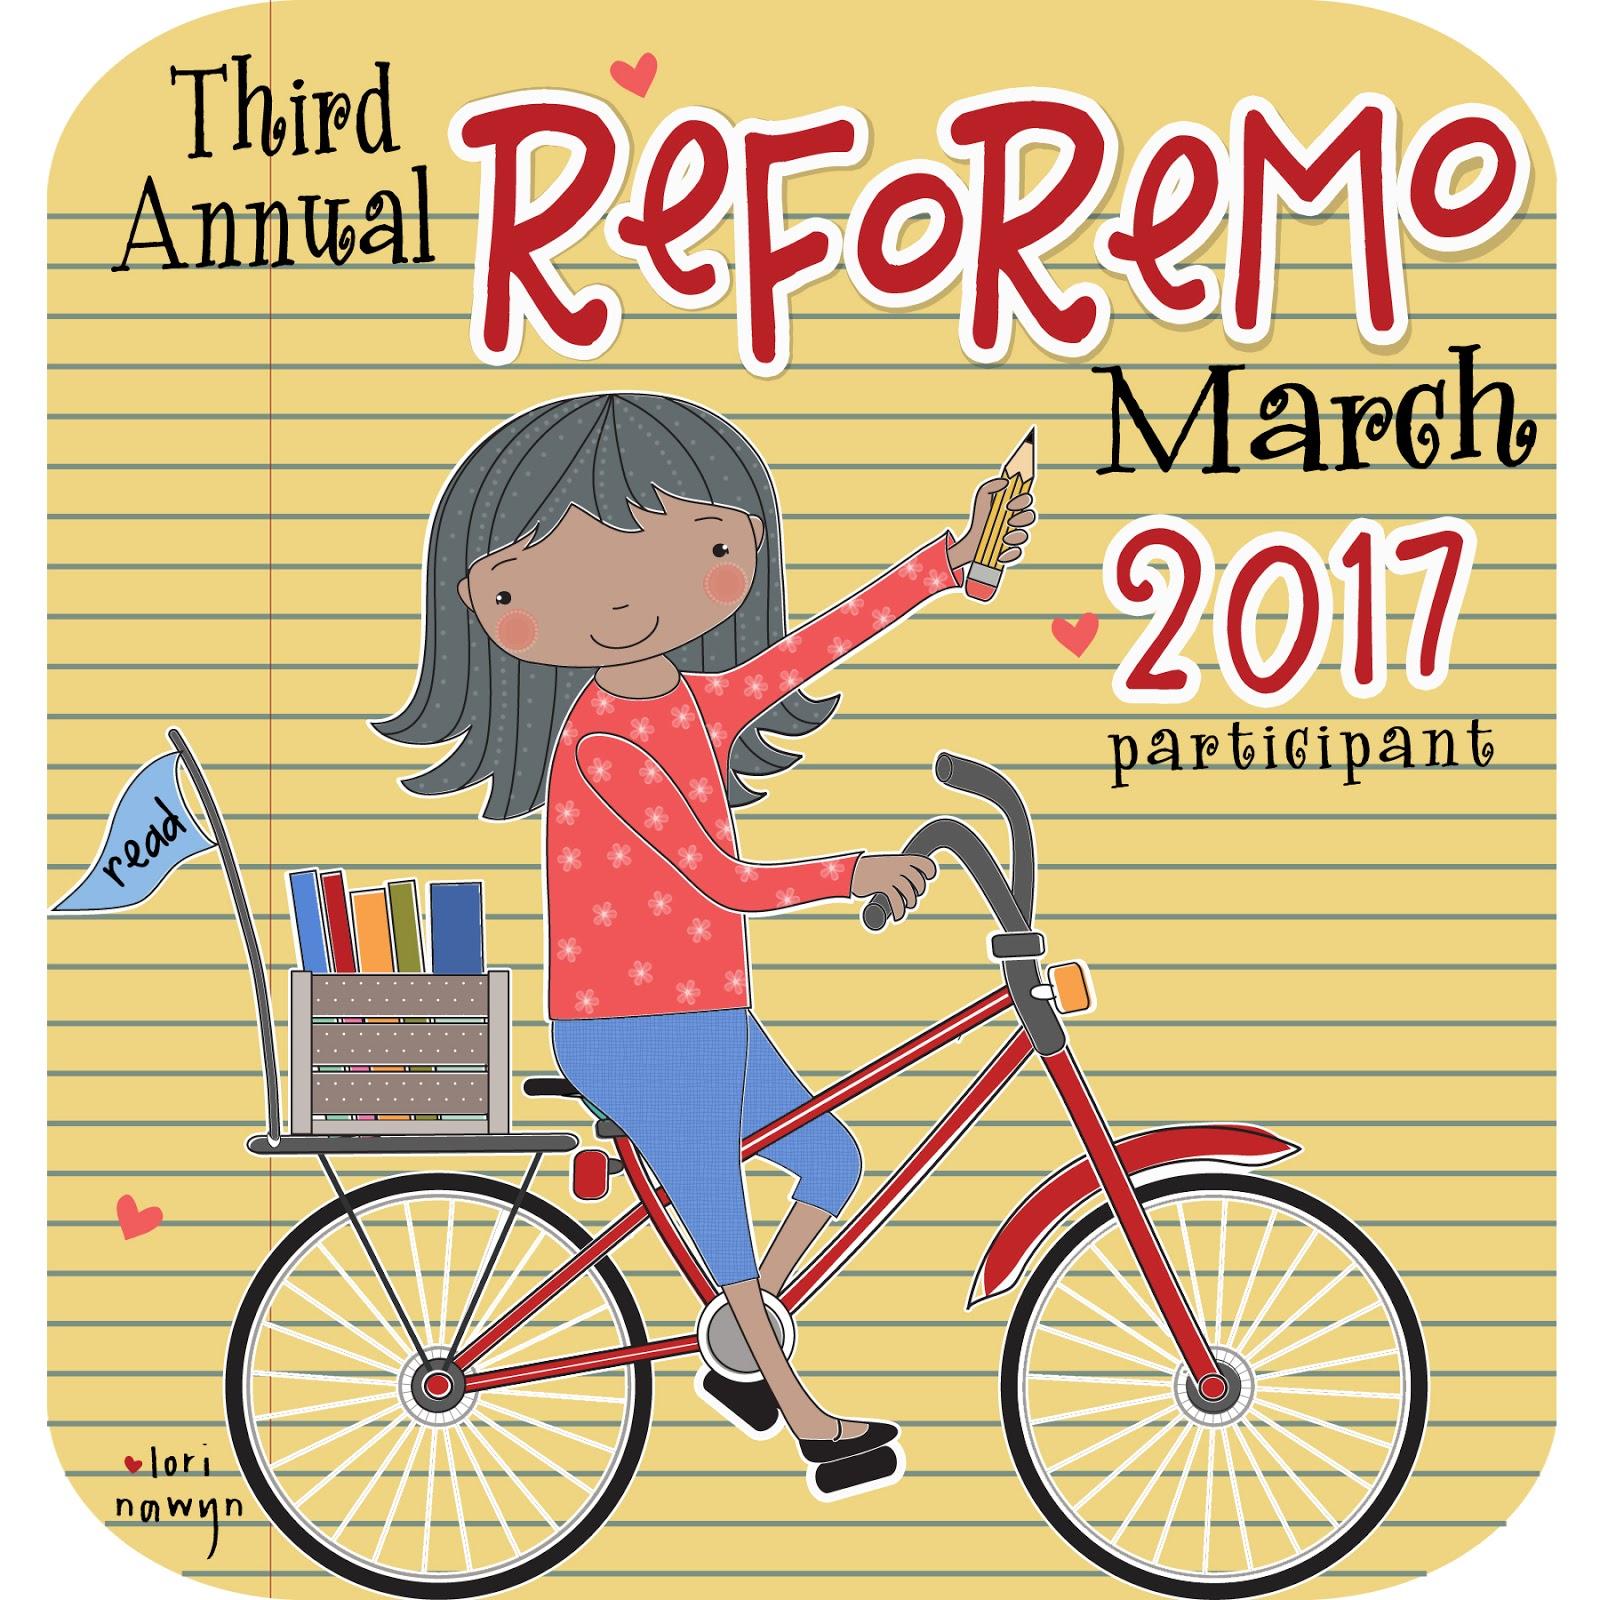 ReFoReMo 2017 Participant